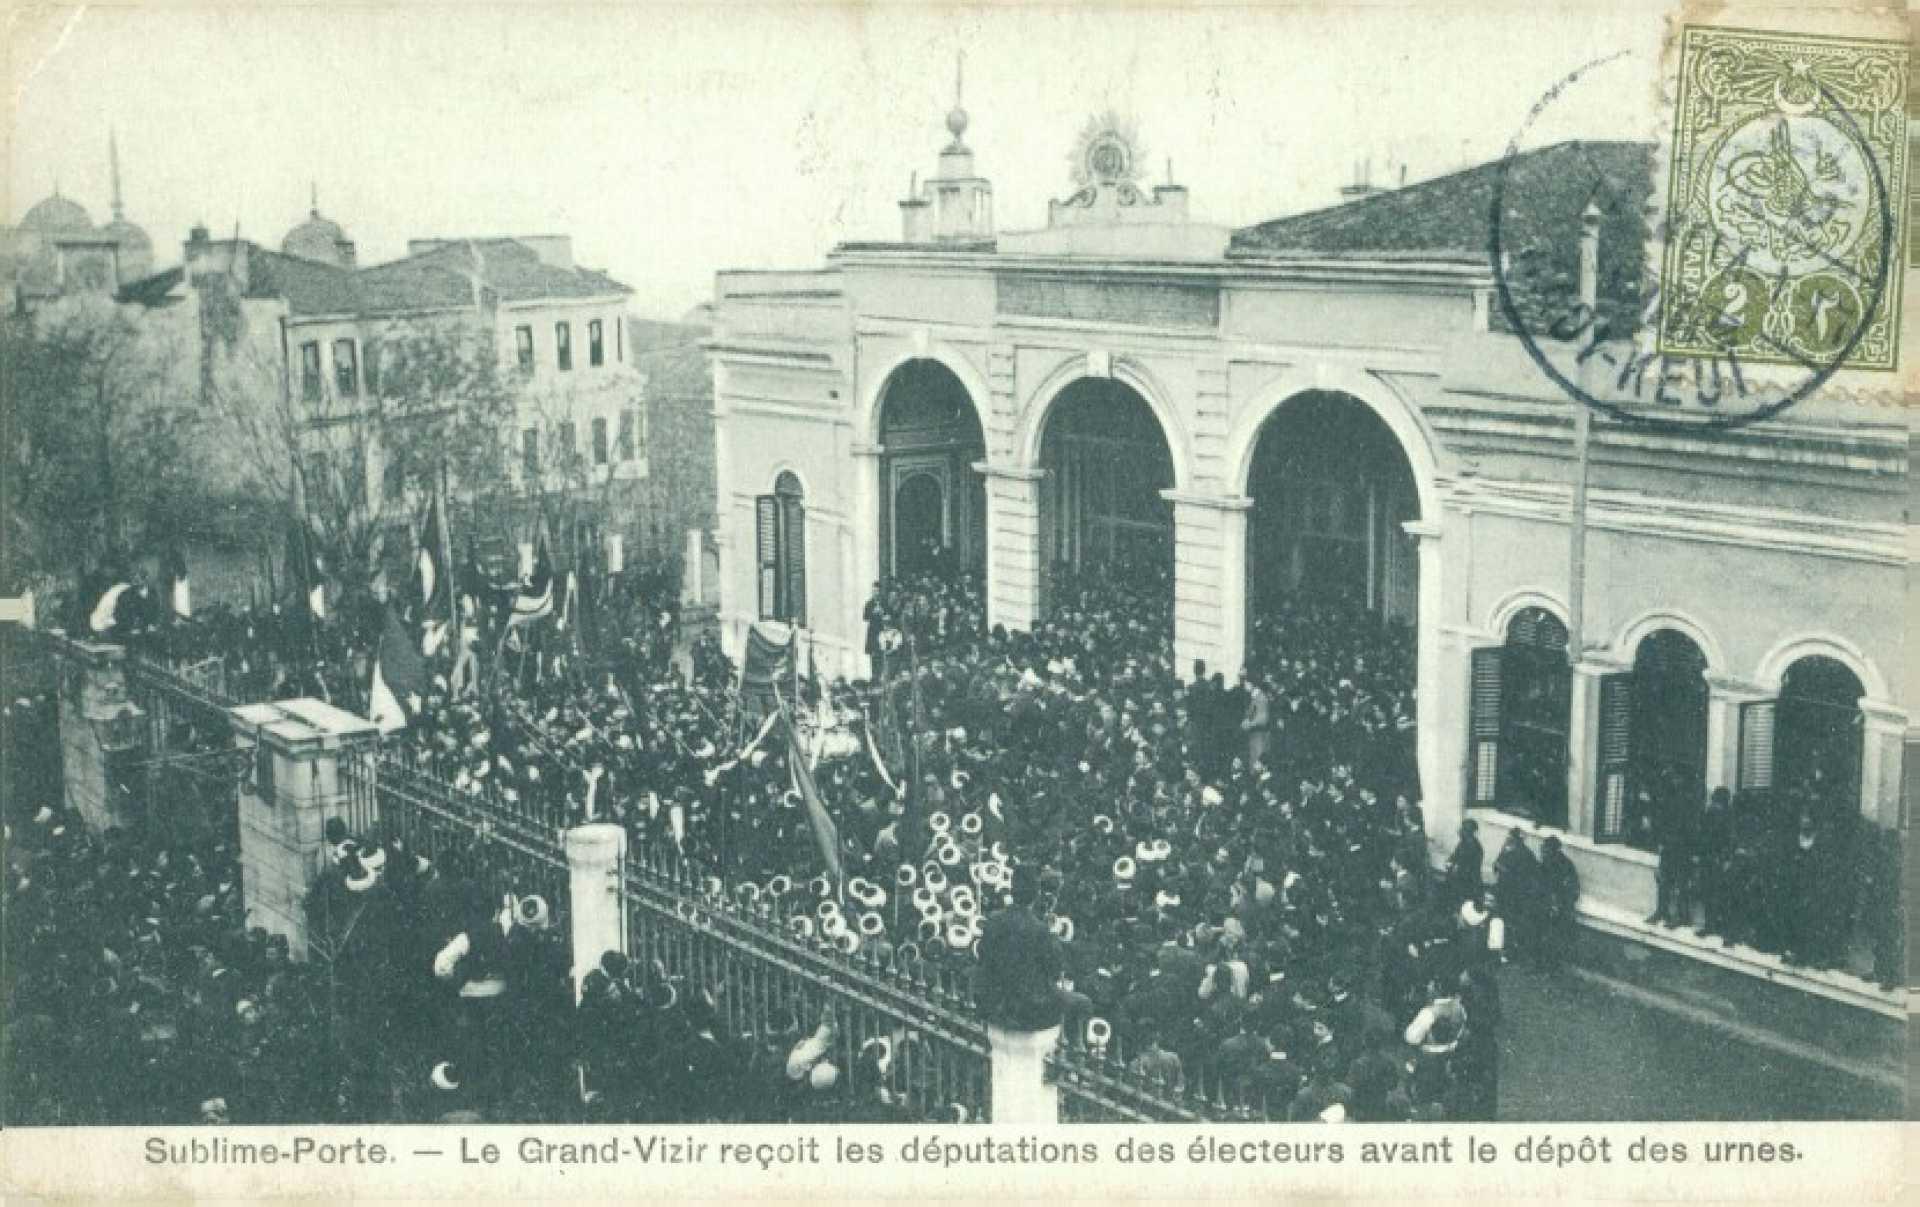 Sublime-Porte. – Le Grand-Vizir reçoit les deputations des electeurs avant le depot des urnes